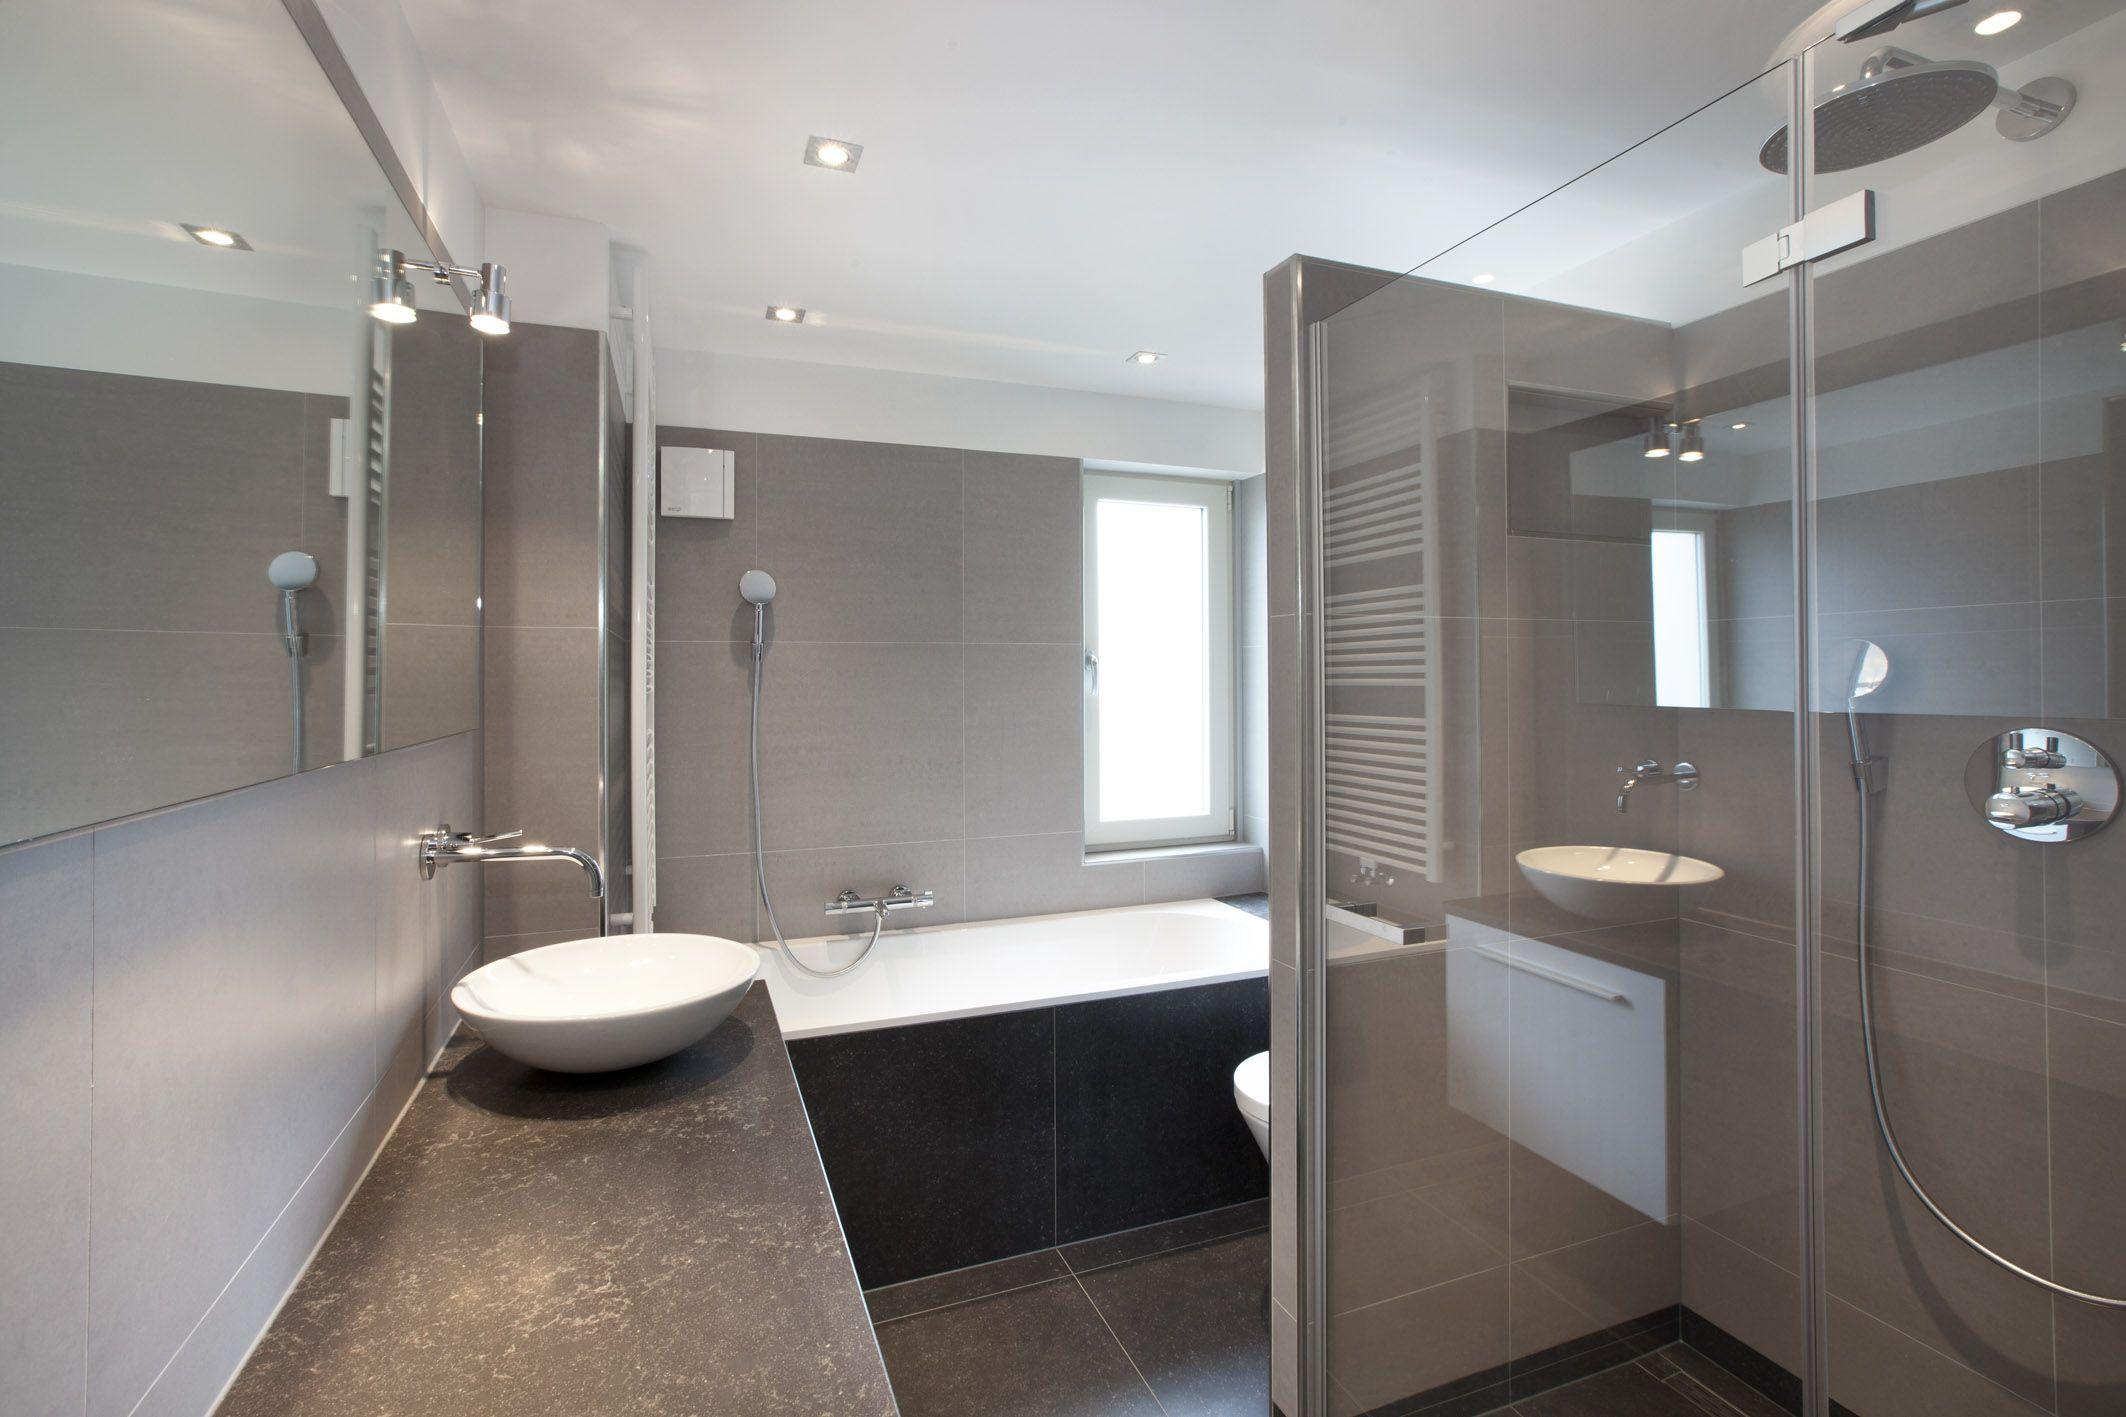 Inloopdouche Met Baderie : Badkamer bad en inloopdouche badkamer van morgen bad eruit douche